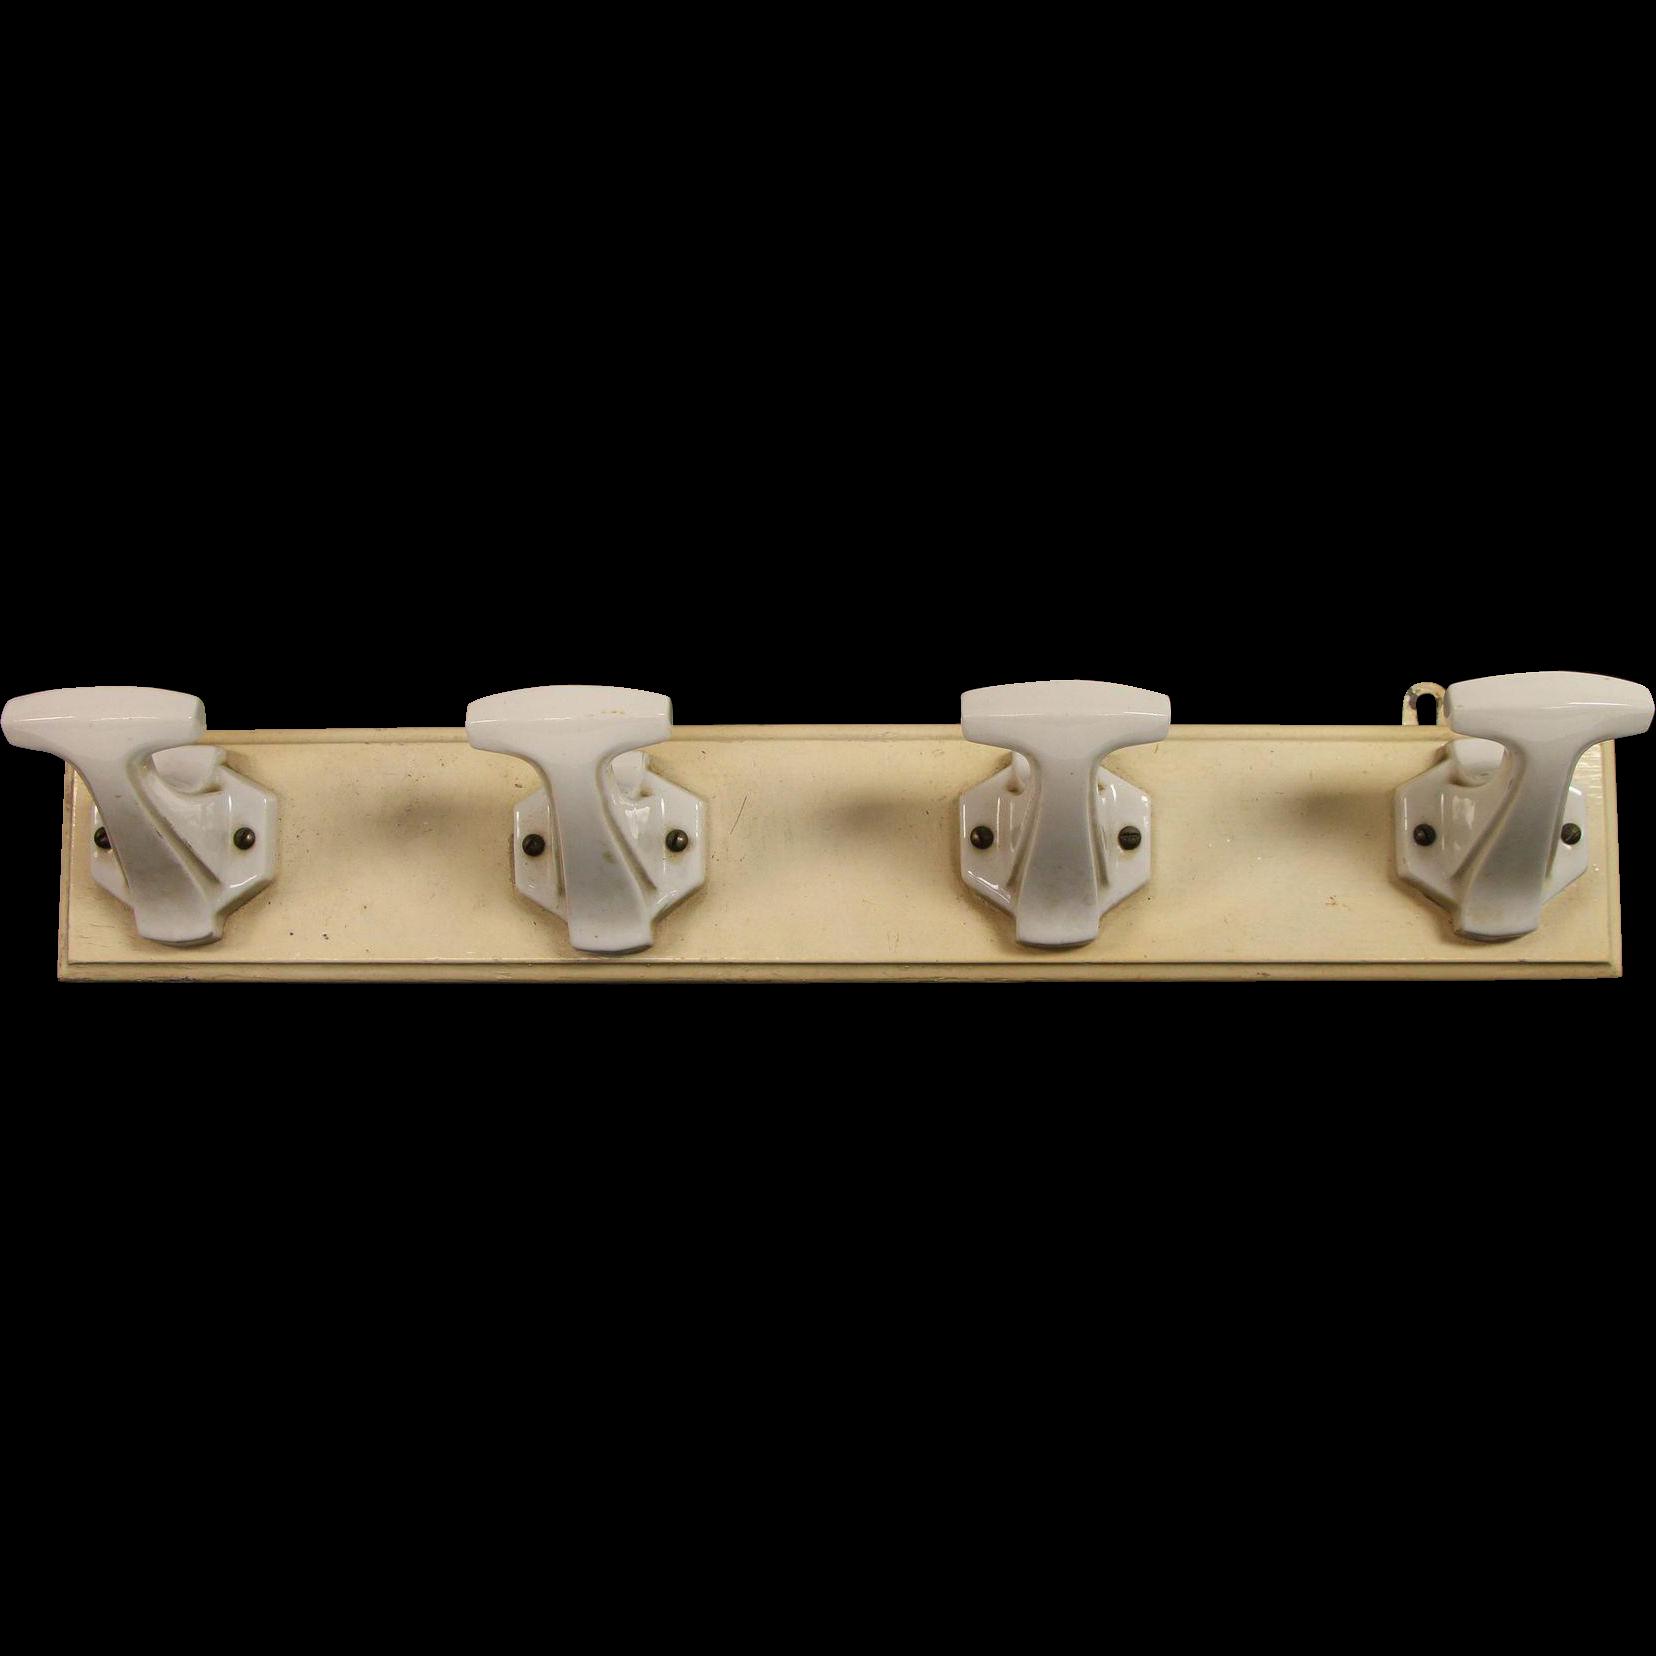 Four ceramic hooks on wood plank